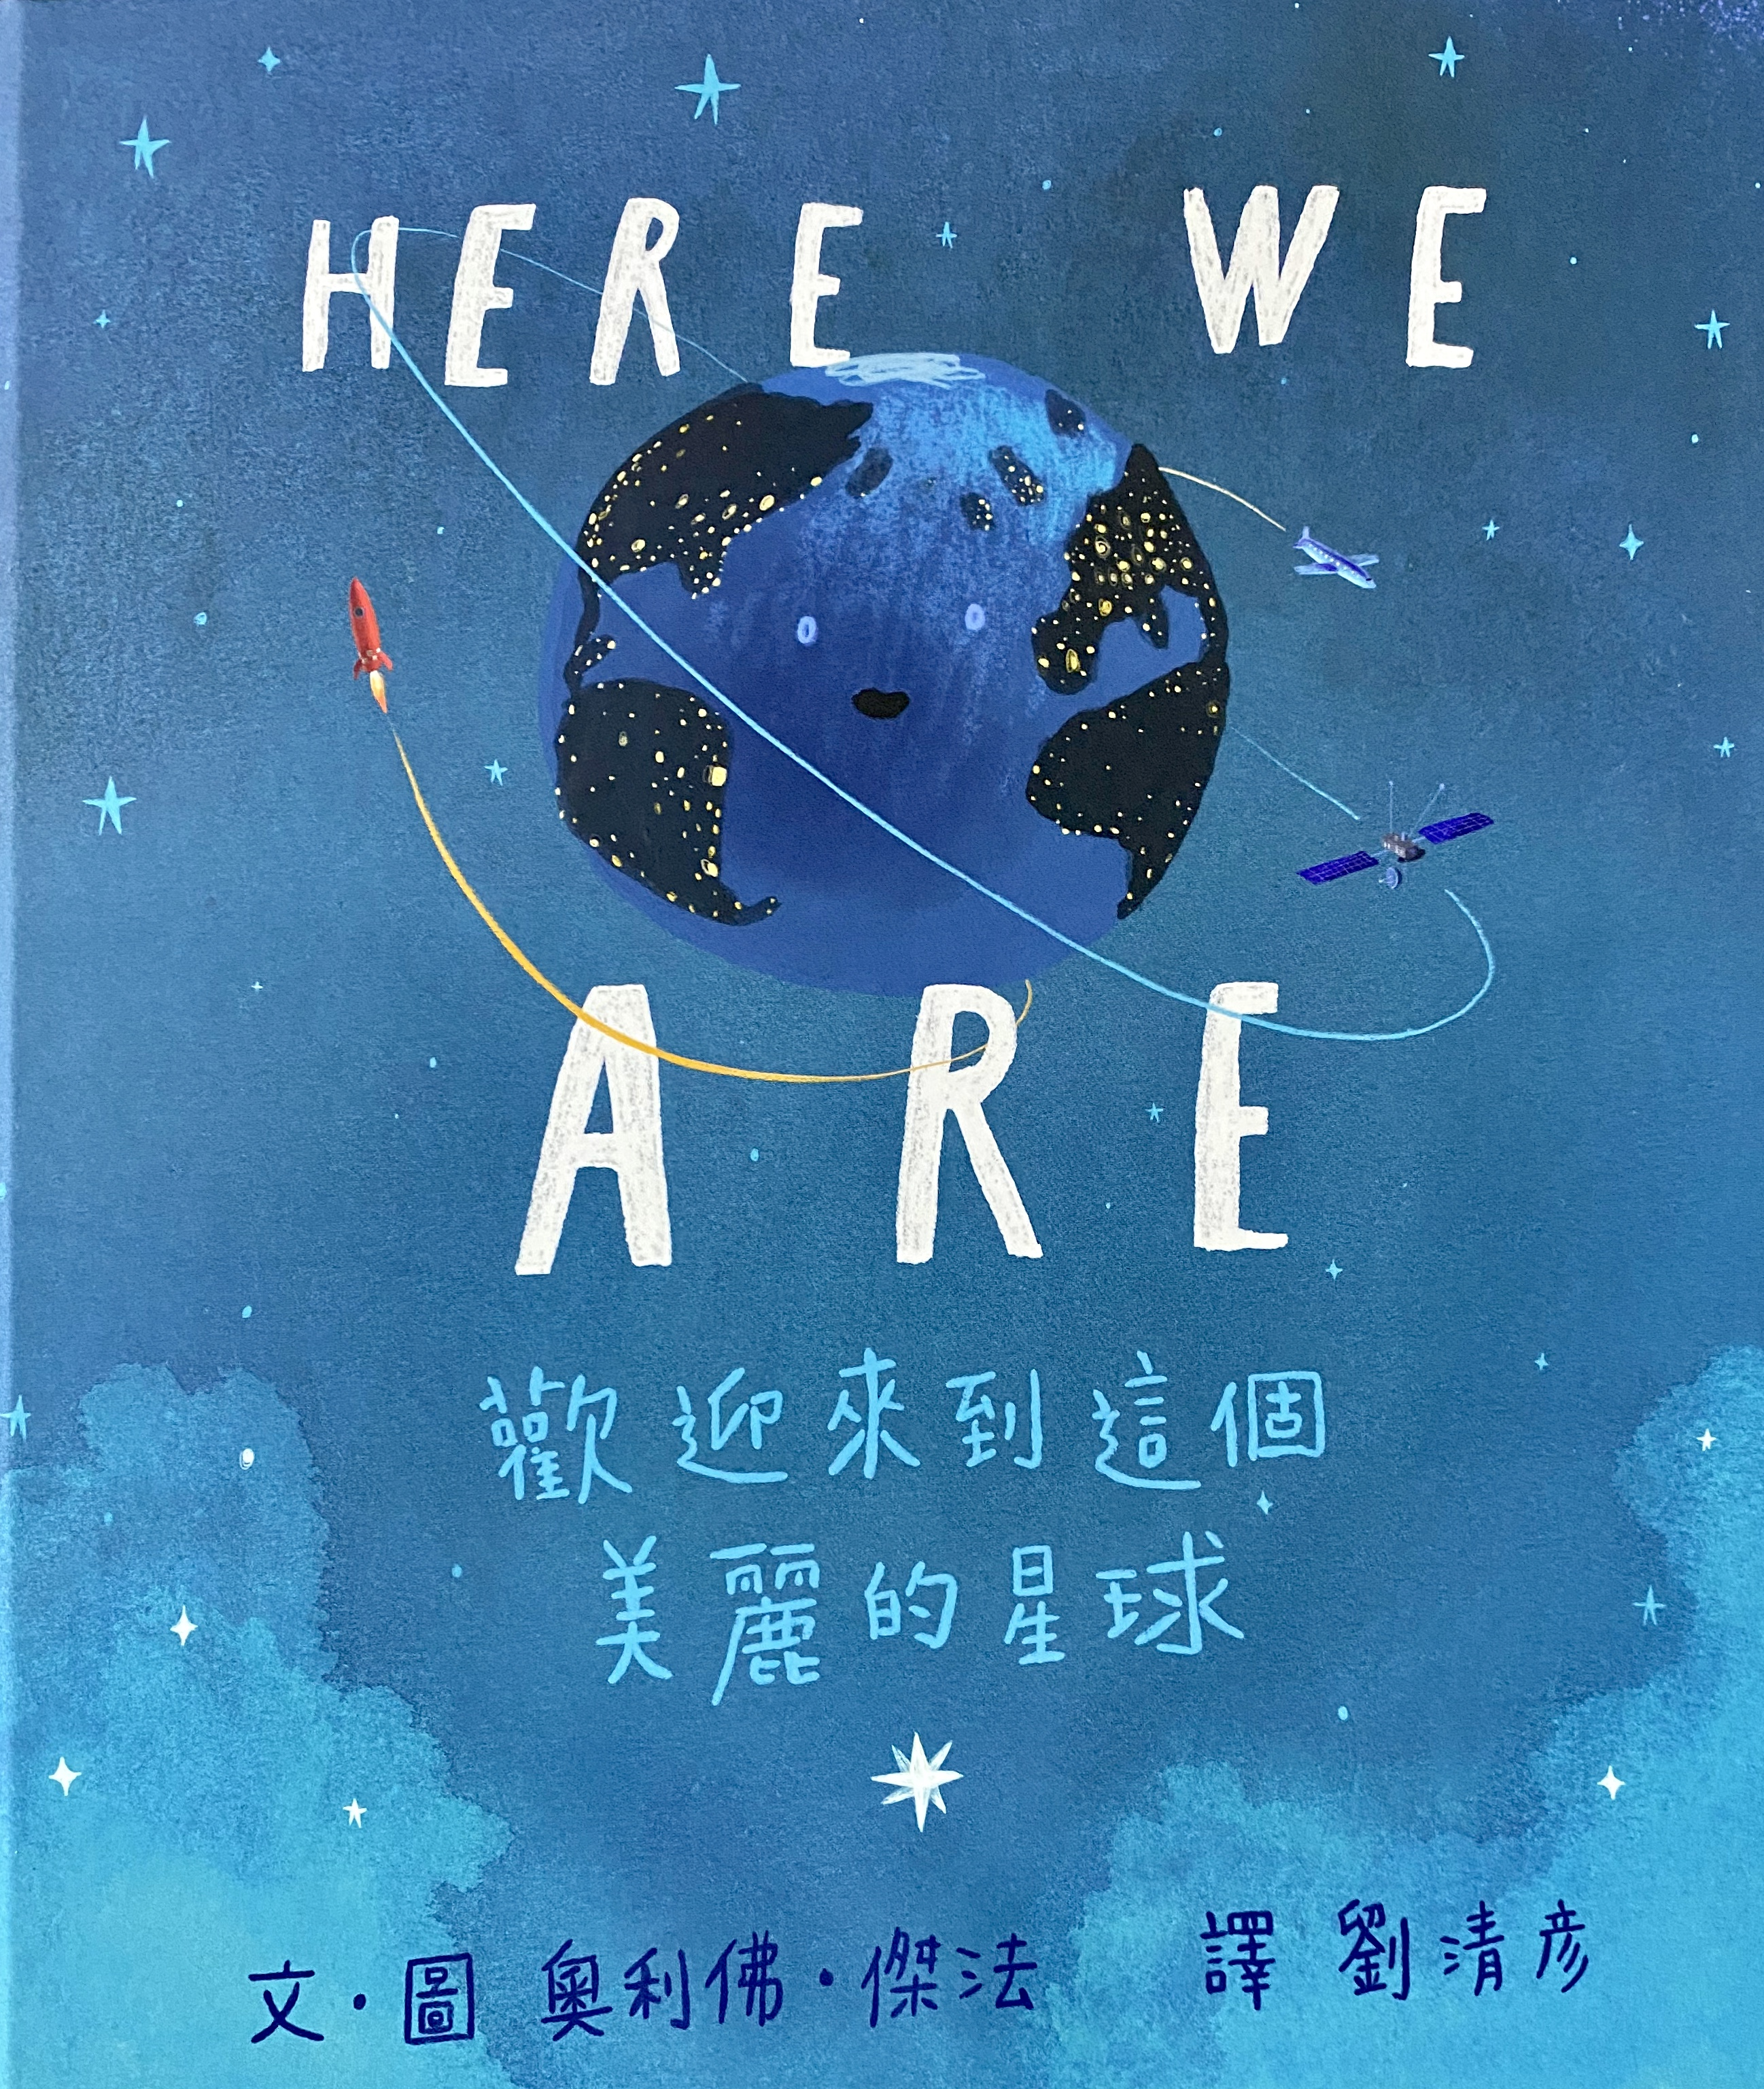 《蘇菲說故事》144 Here we are 歡迎來到這個美麗的星球